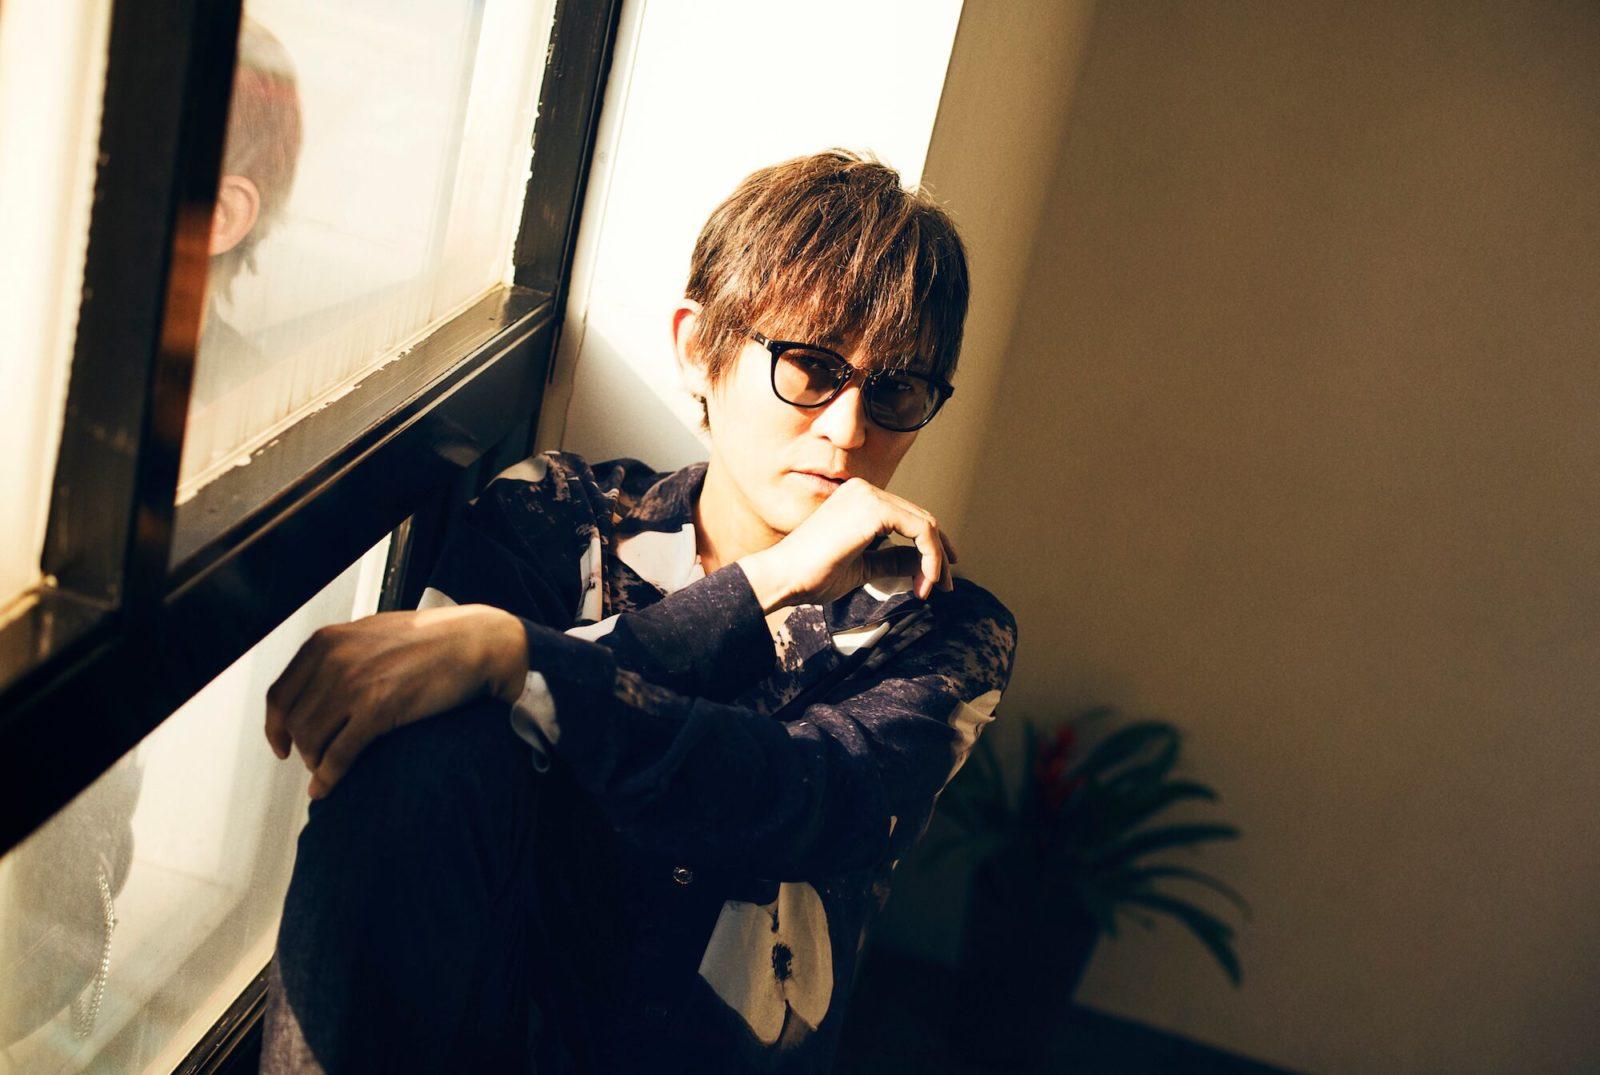 スガ シカオ、ニューアルバム『労働なんかしないで 光合成だけで生きたい』 今春リリースサムネイル画像